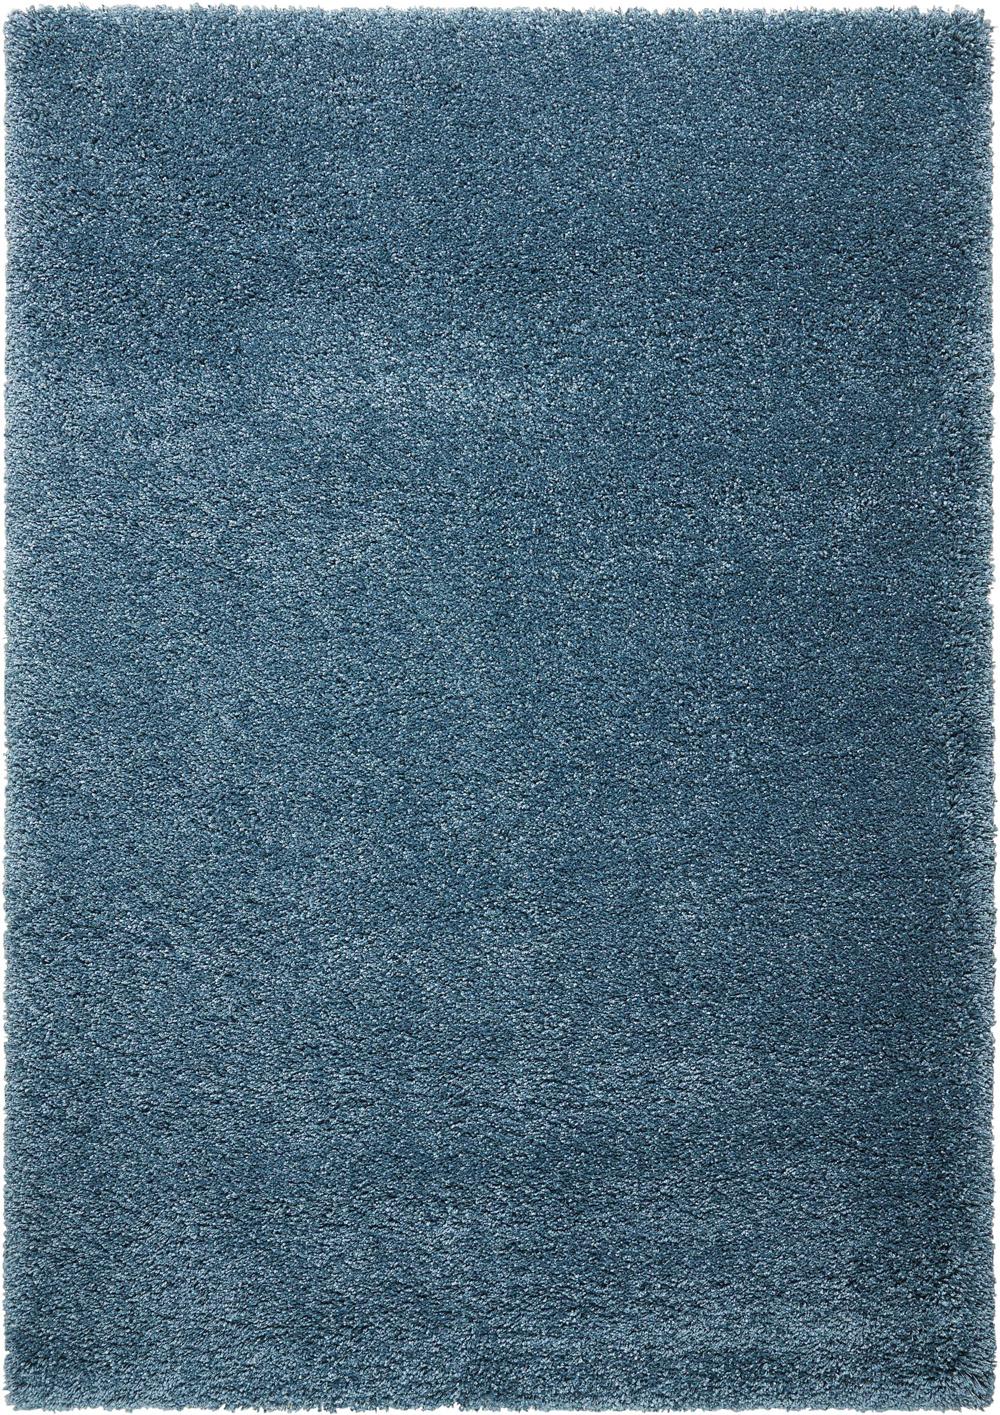 Nourison AMORE AMOR1 SLATE BLUE           Rug